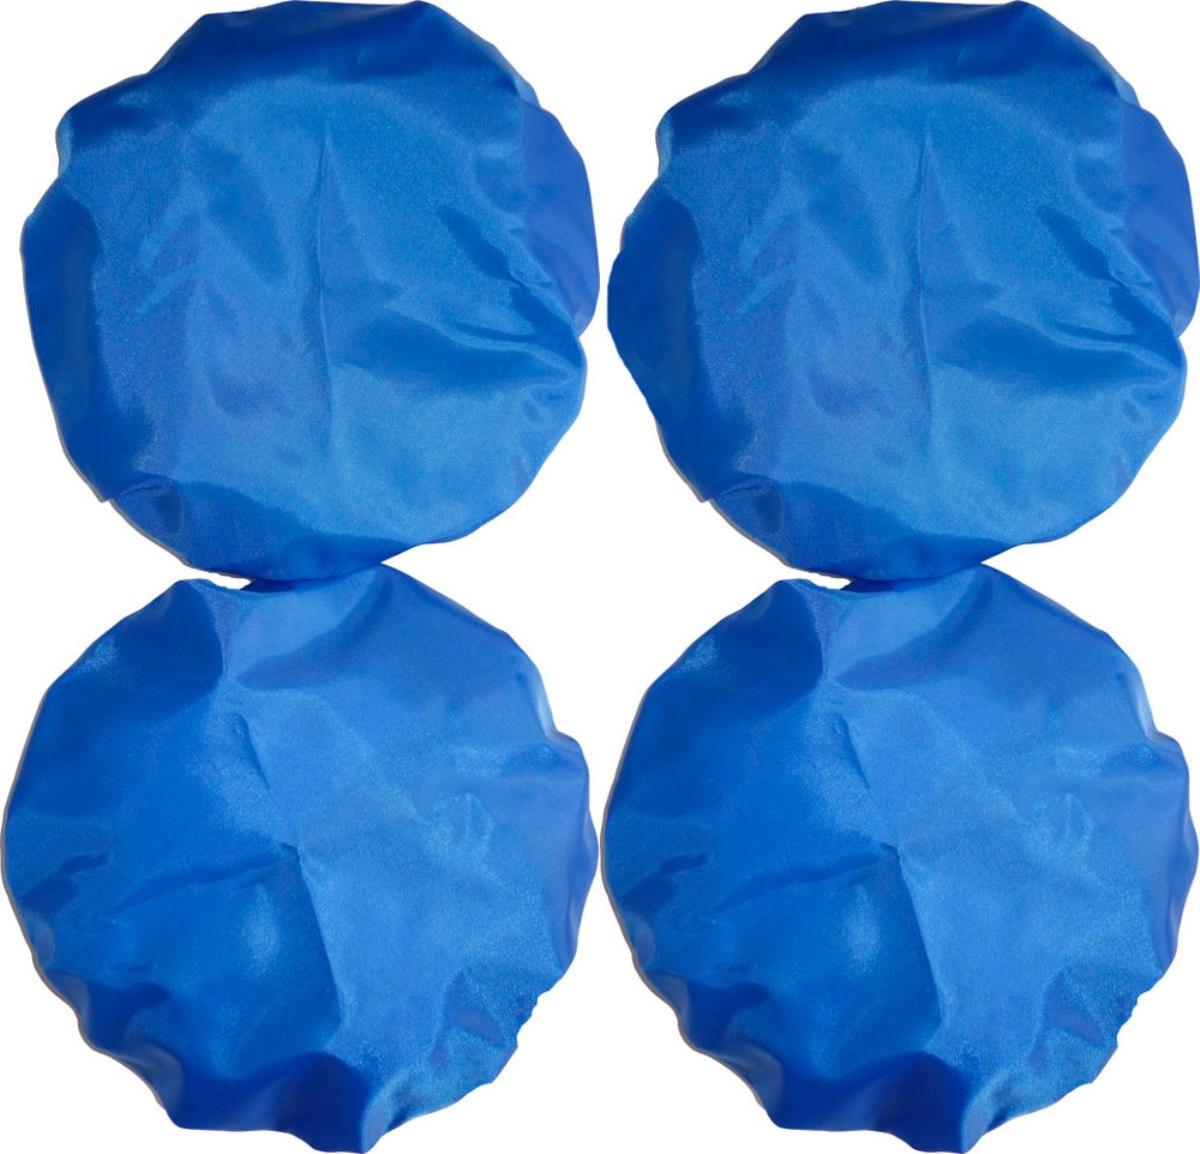 Чудо-Чадо Чехлы на колеса для коляски диаметр 18-28 см цвет синий 4 шт -  Коляски и аксессуары